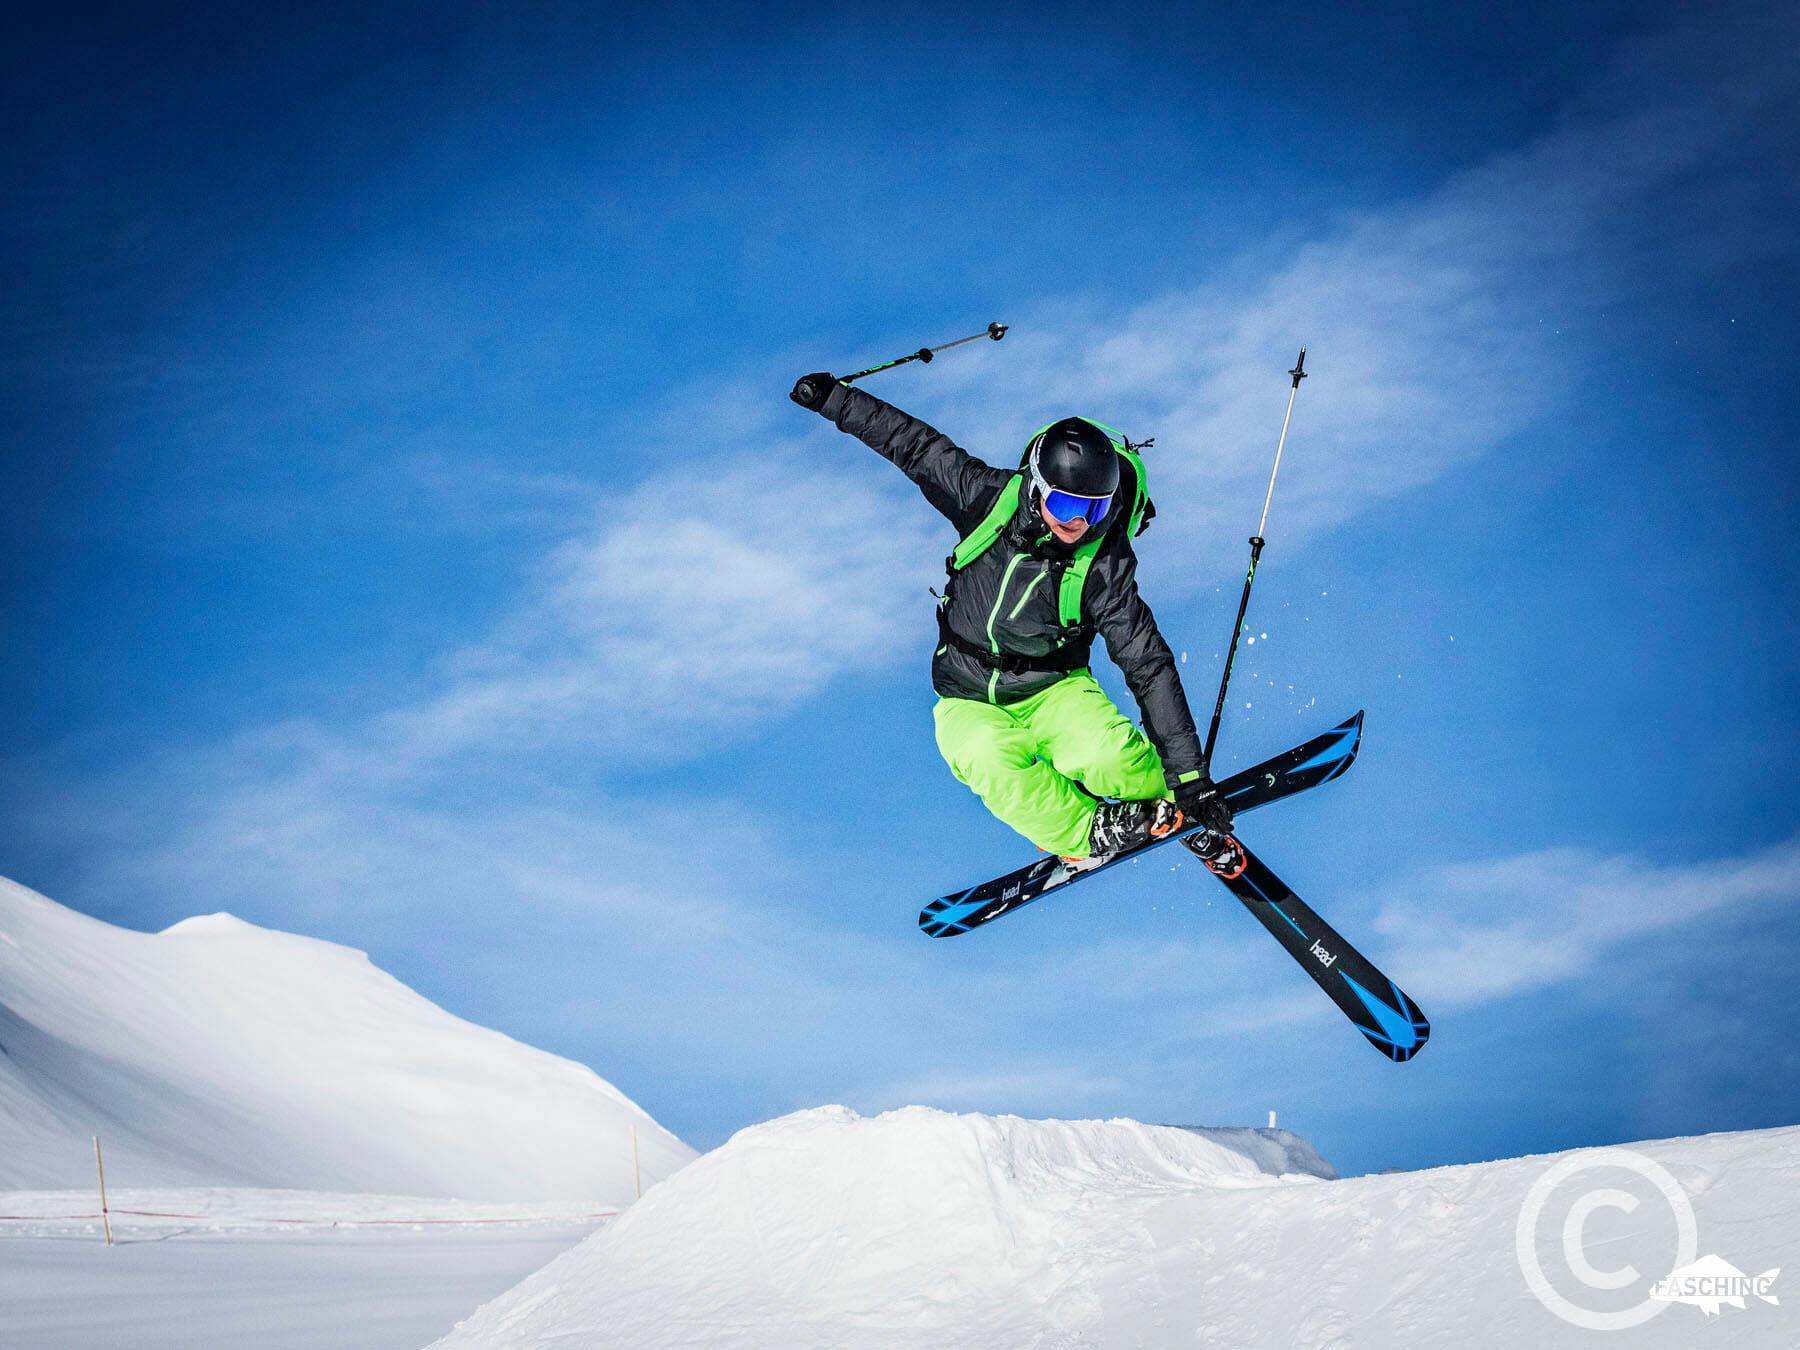 Fotografie für HEAD Sportswear von den Fotografen des Studio Fasching